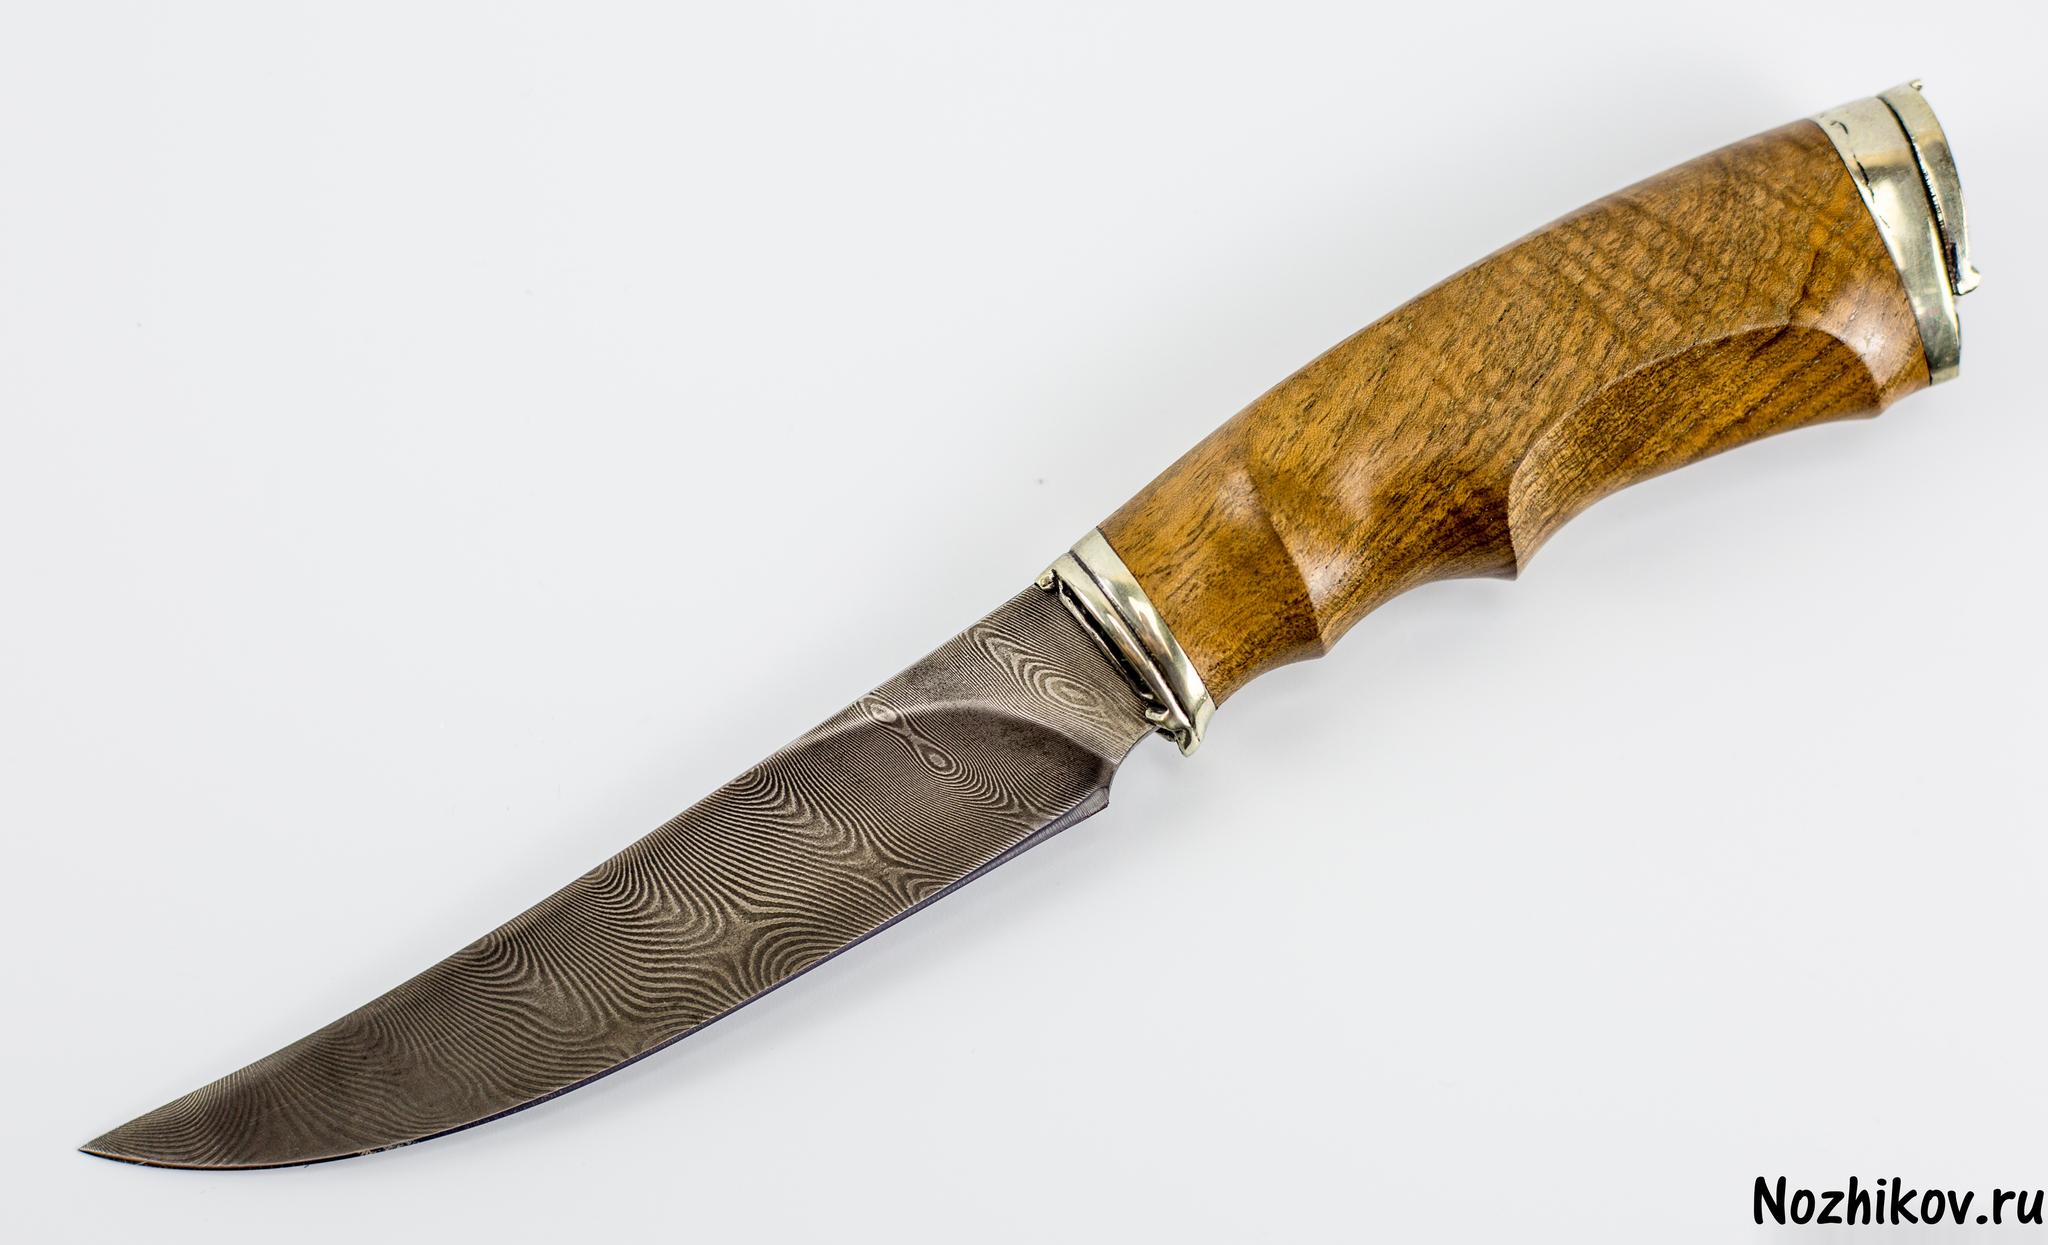 Авторский Нож из Дамаска №10, Кизляр